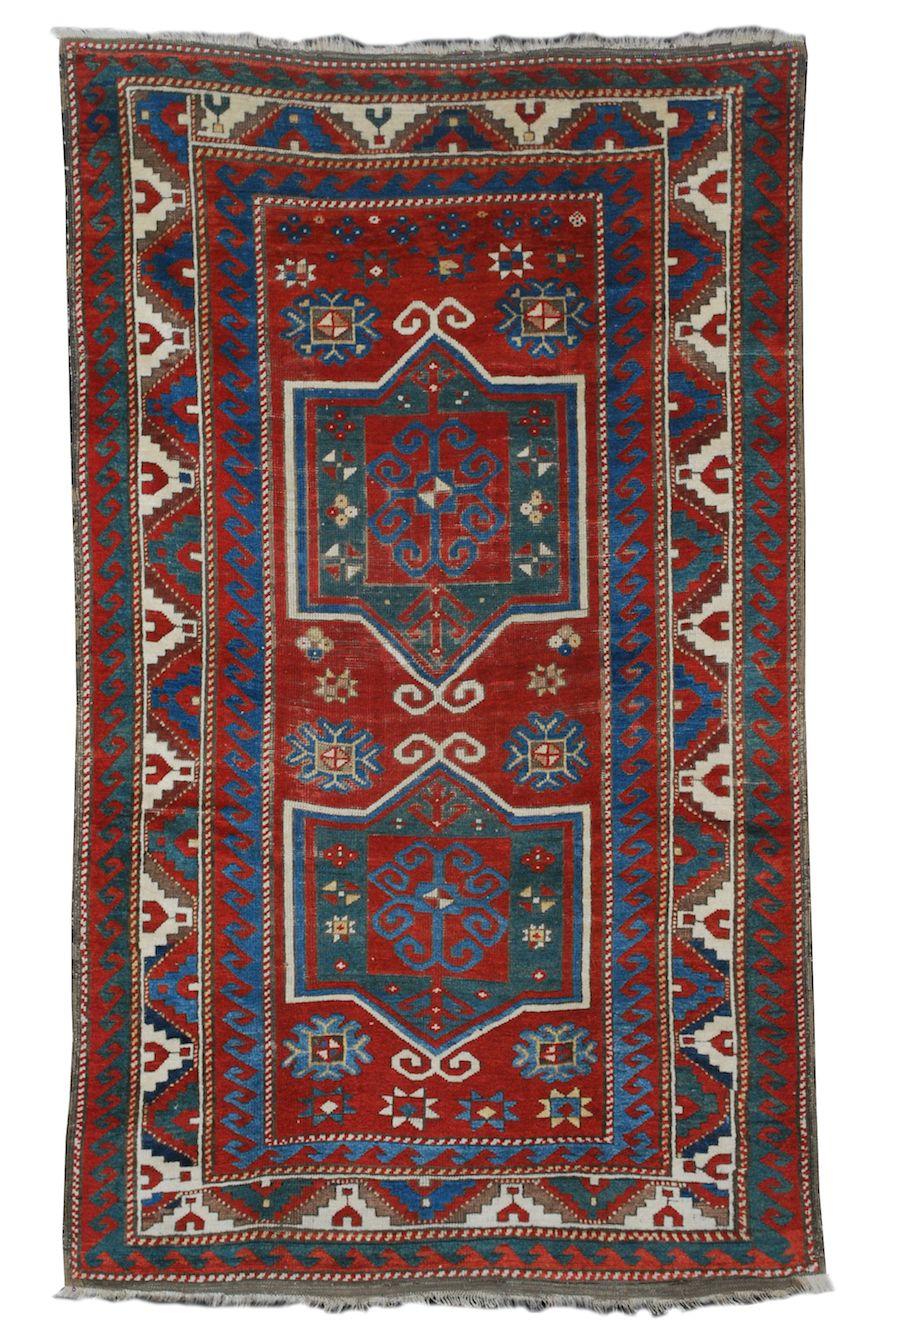 Fachralo Kazak Late 19th C Caucasus